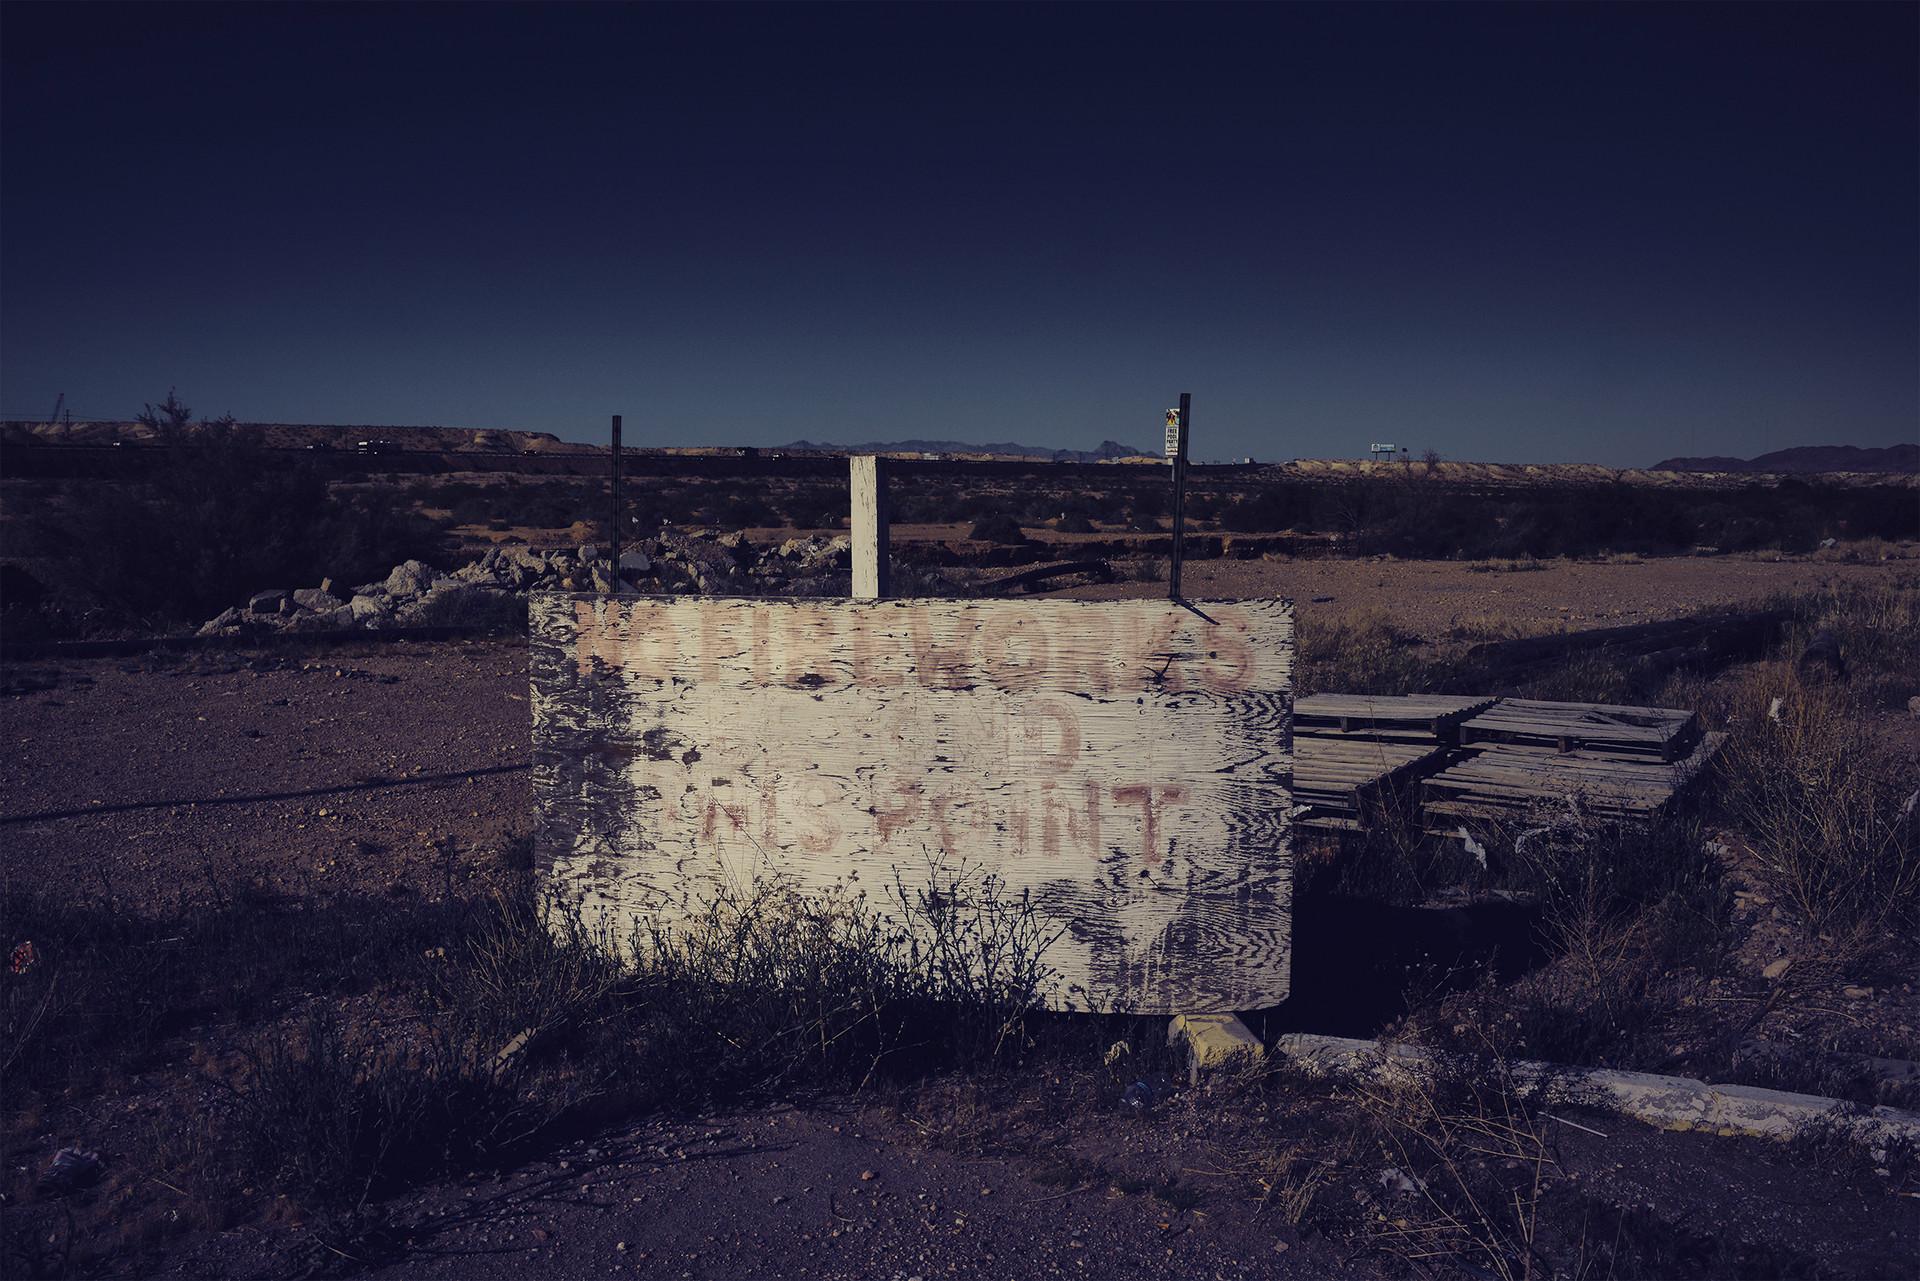 Desert_01_1500px.jpg